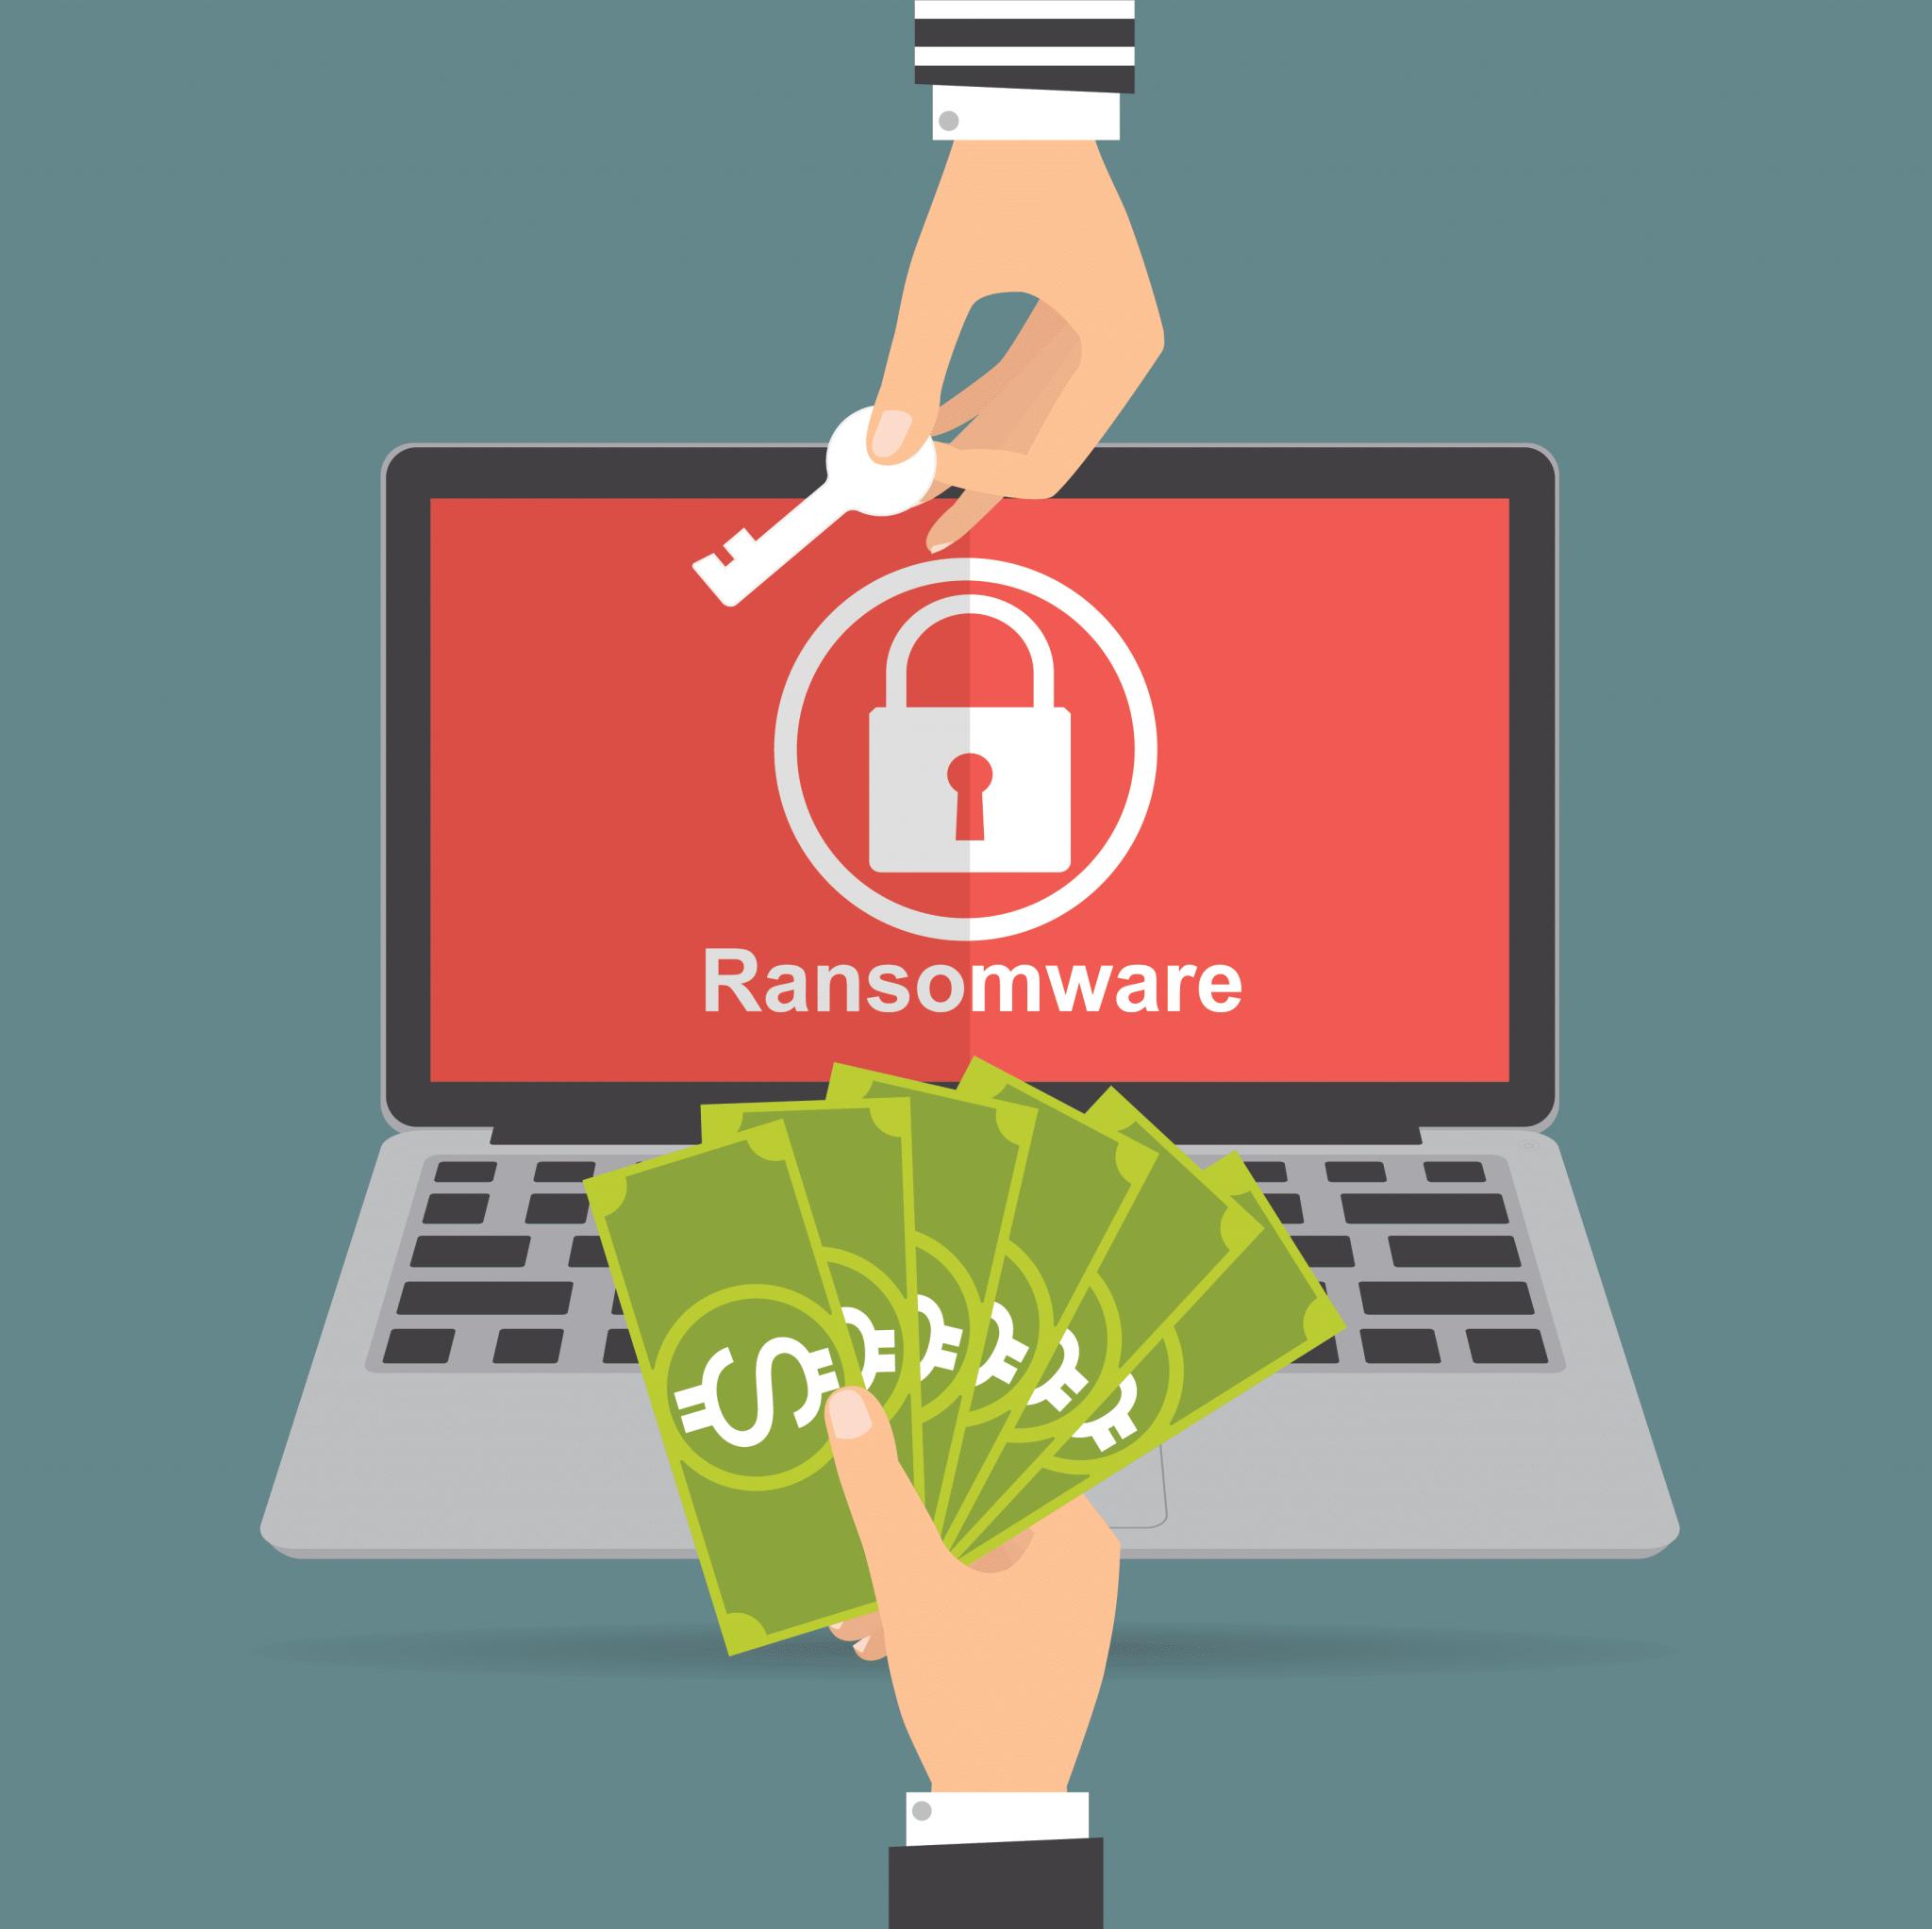 Attacchi ransomware: quest'anno sono stati 60% in più thumbnail